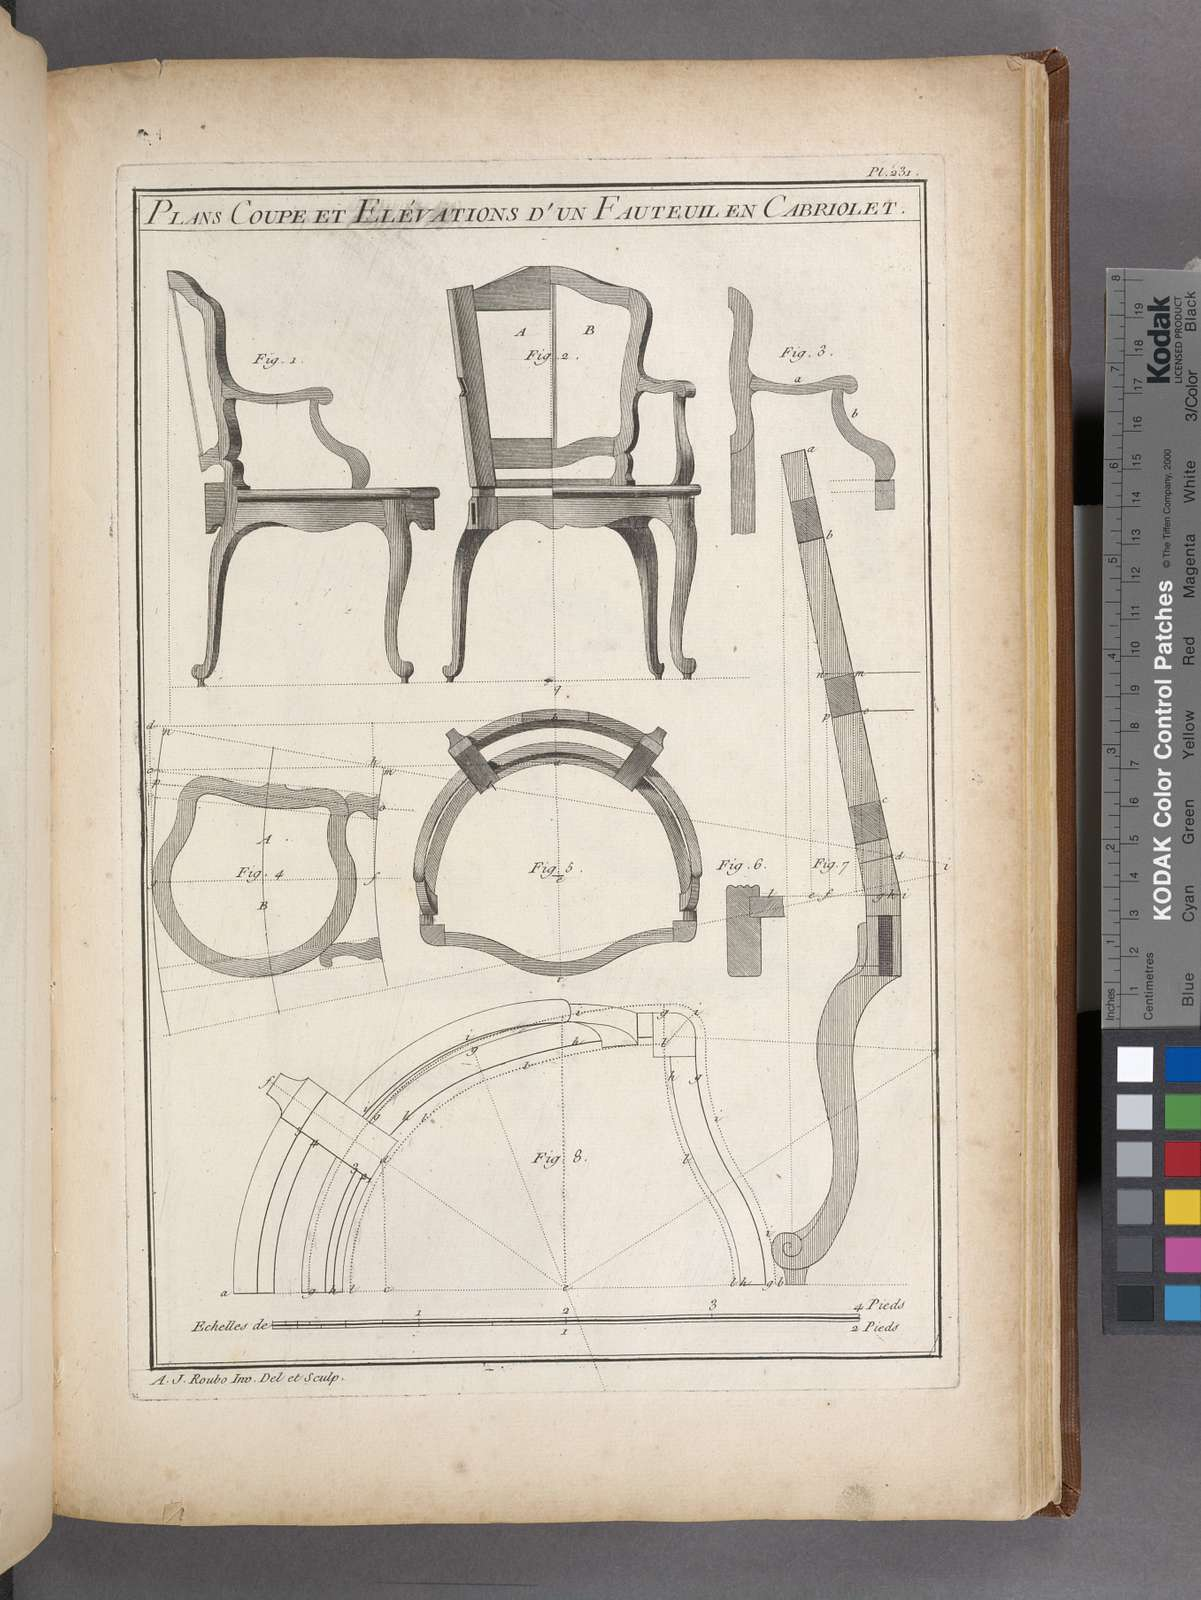 Plans coupe et elévations d'un fauteuil en cabriolet.